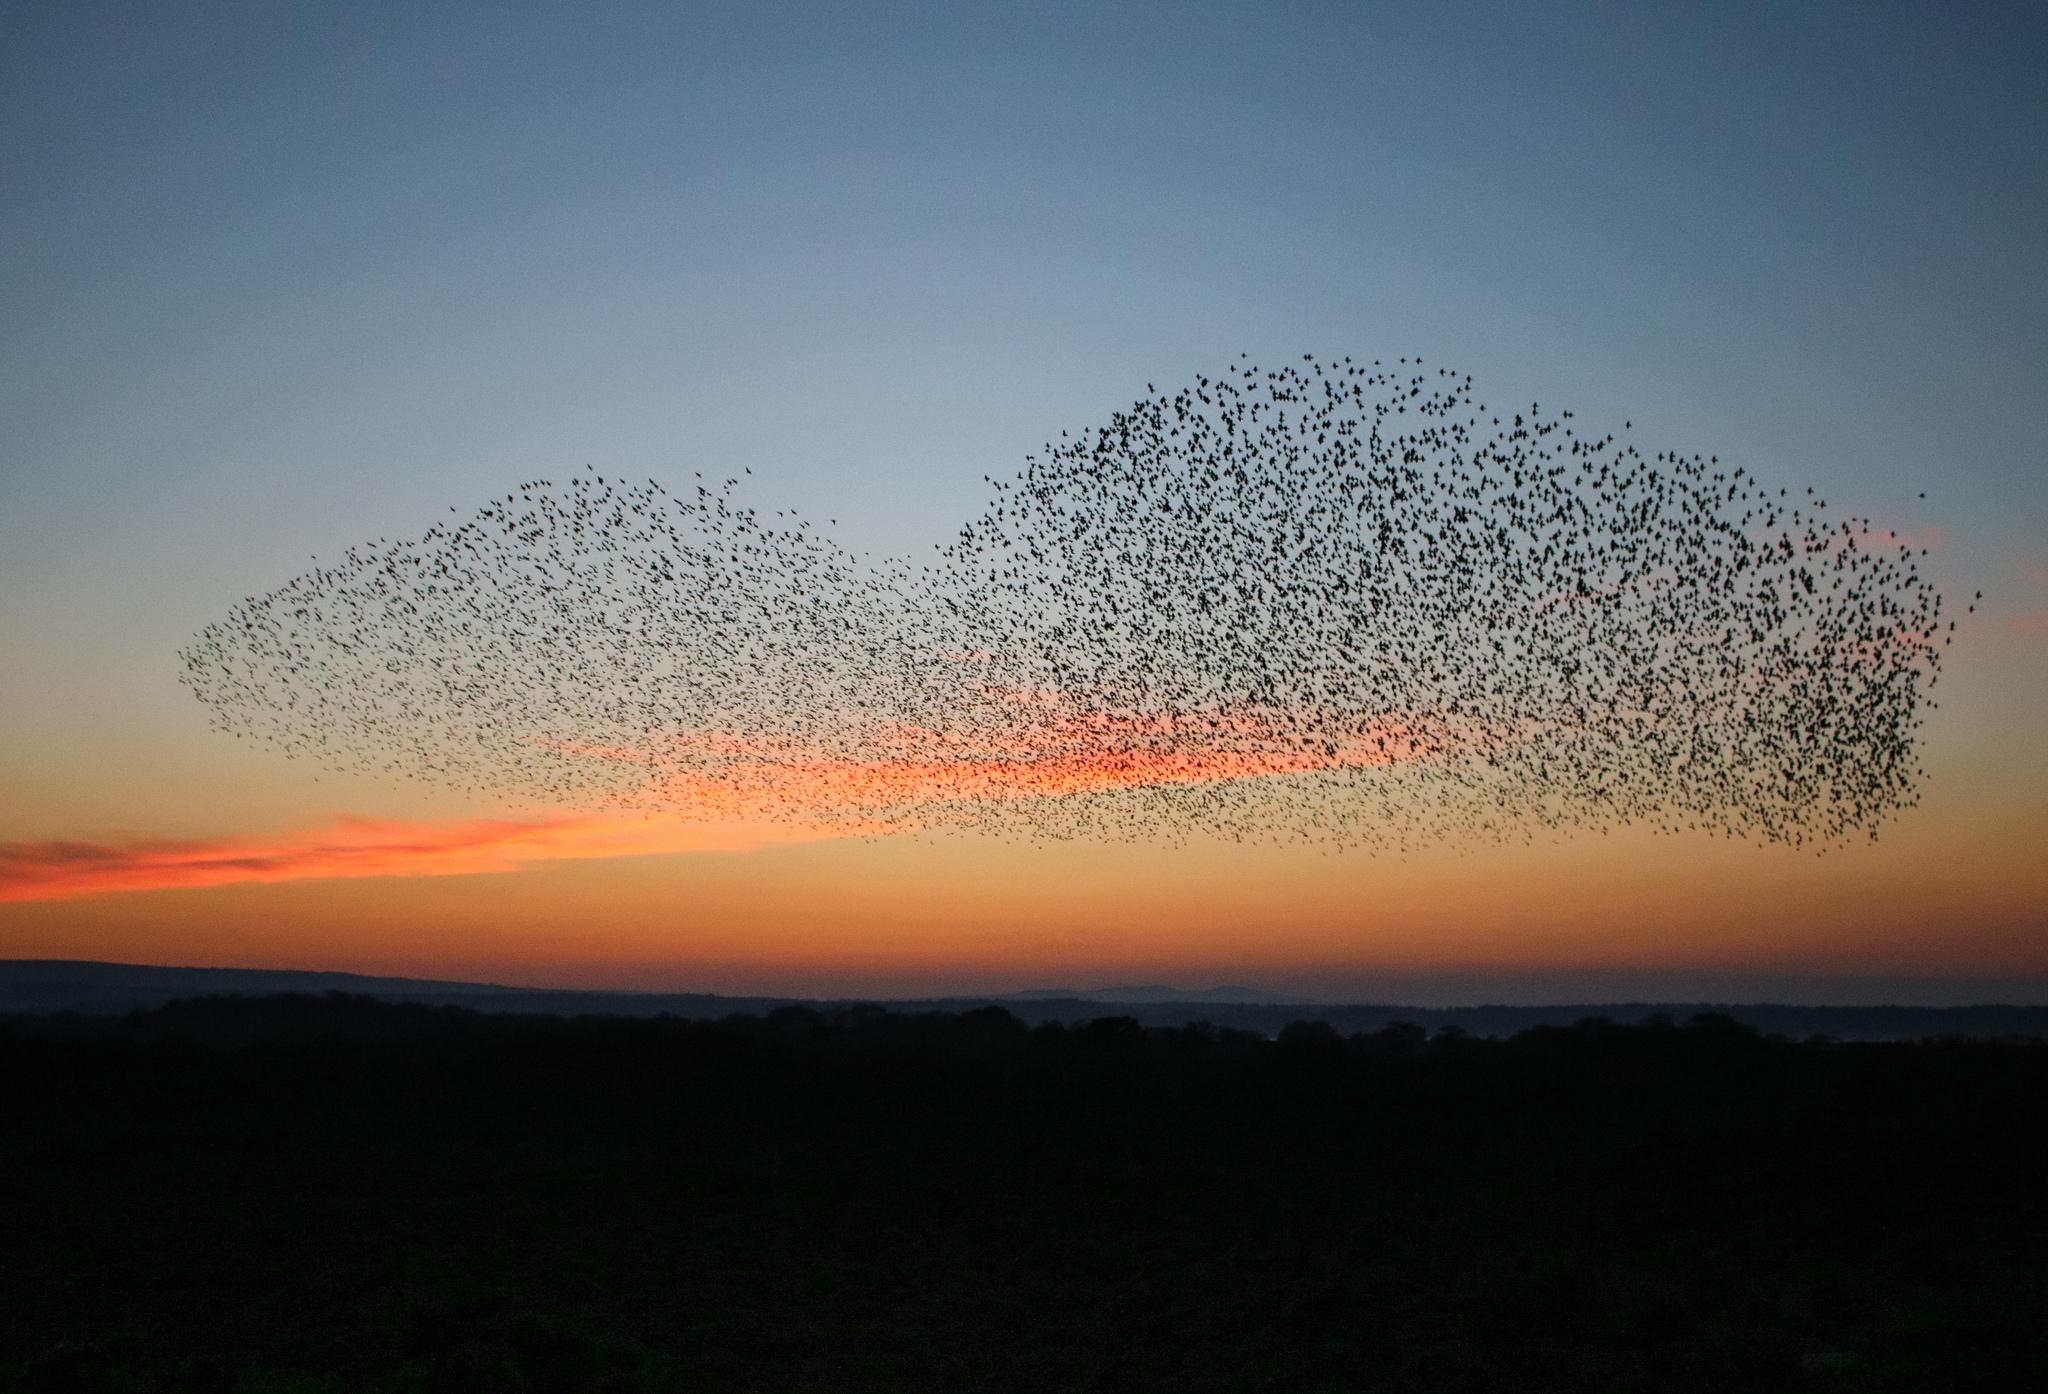 Starlings_Tanya Hart_Flickr cc.jpg